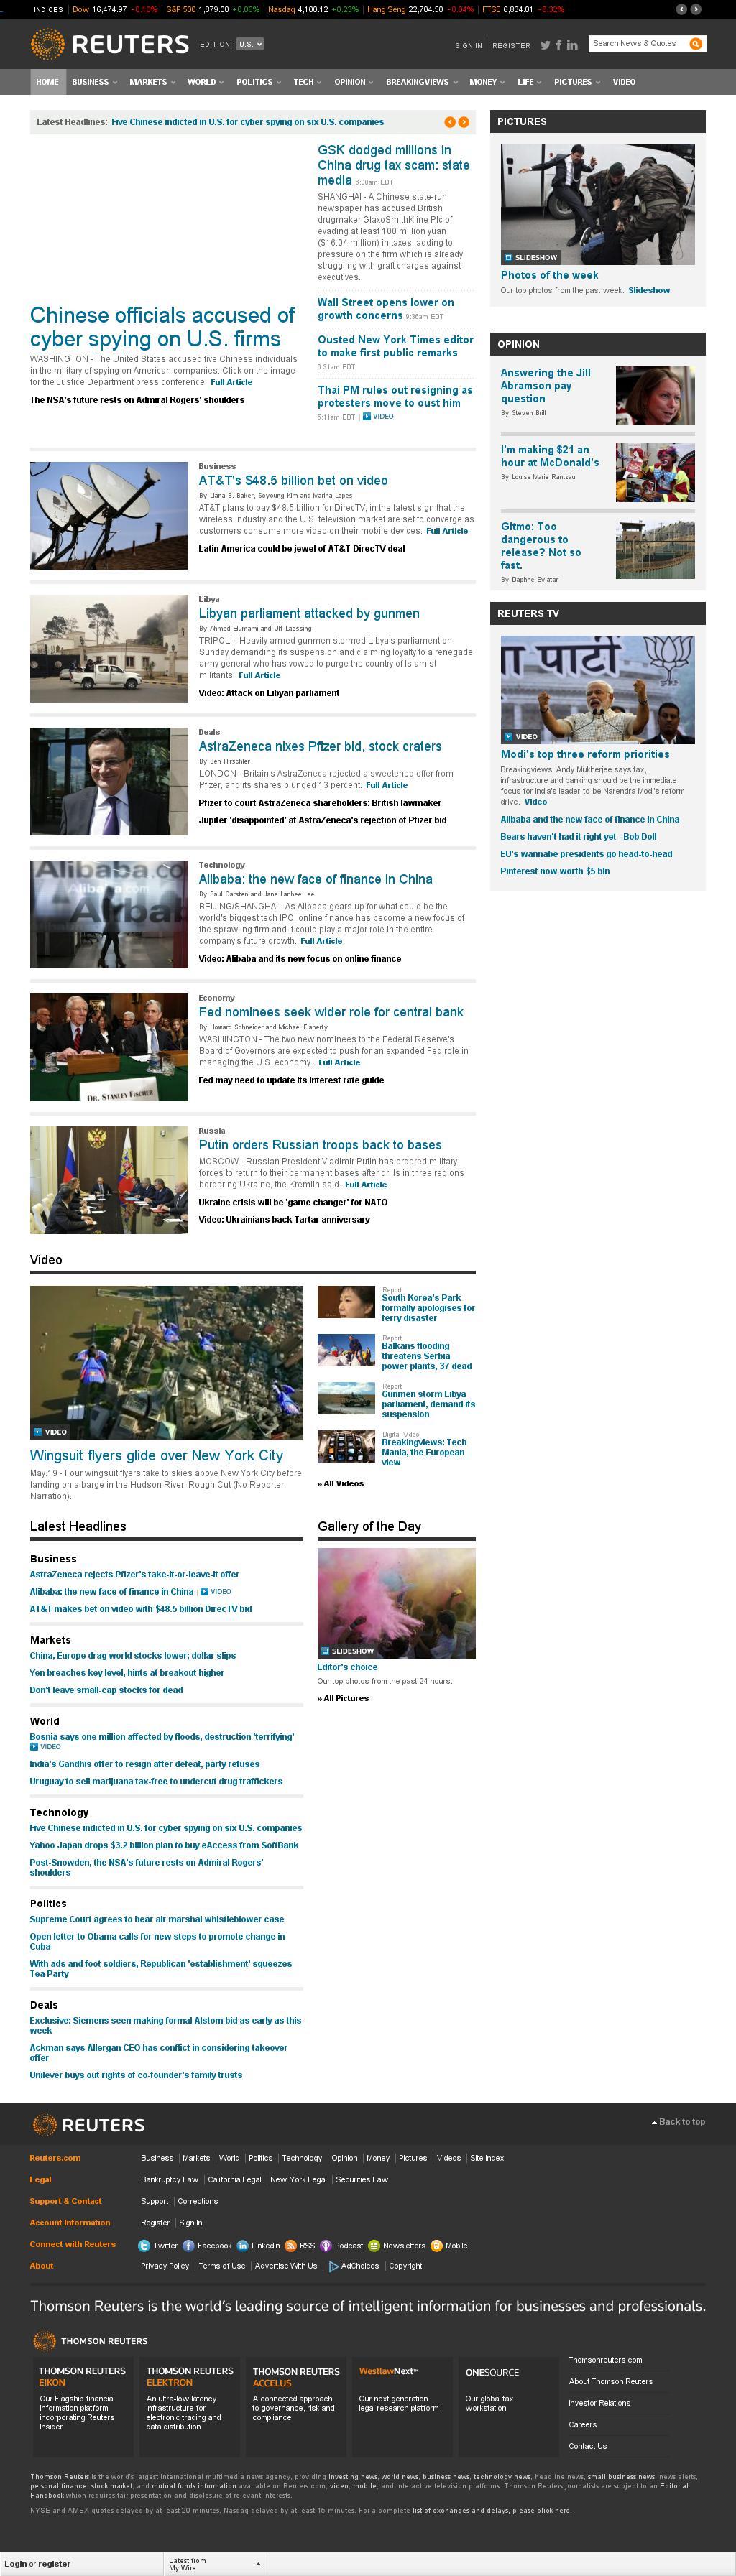 Reuters at Monday May 19, 2014, 2:17 p.m. UTC